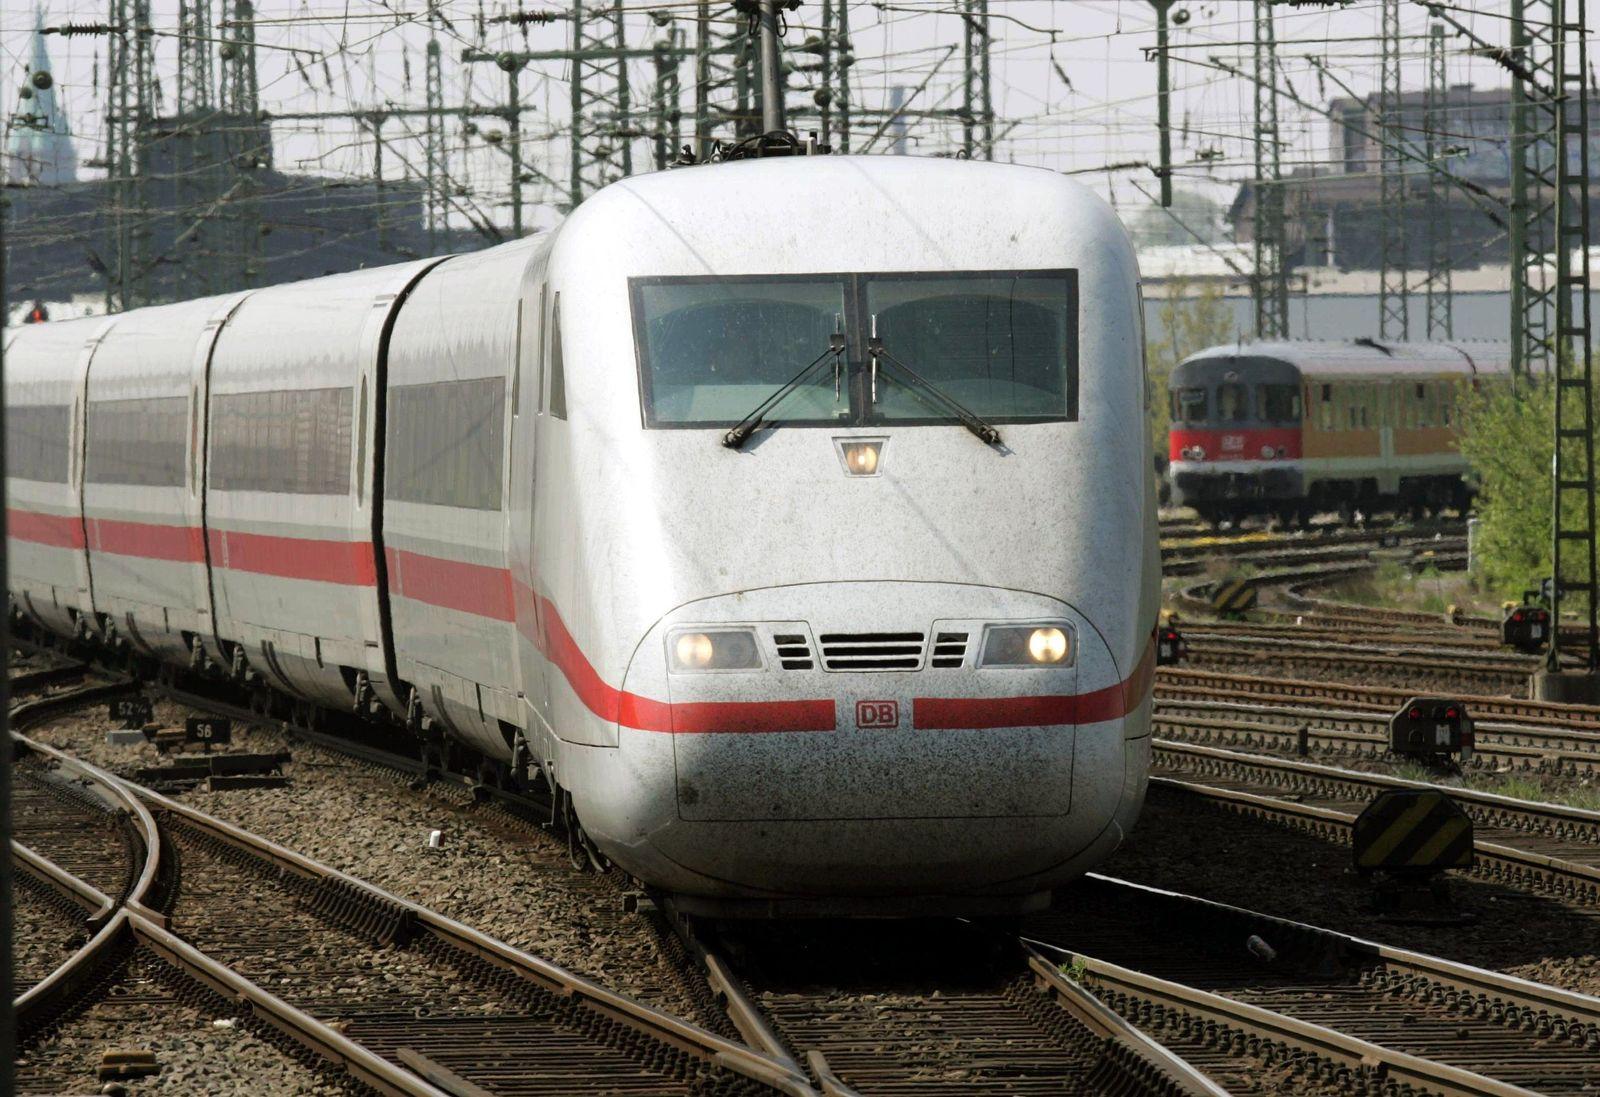 ICE 2 / Bahn